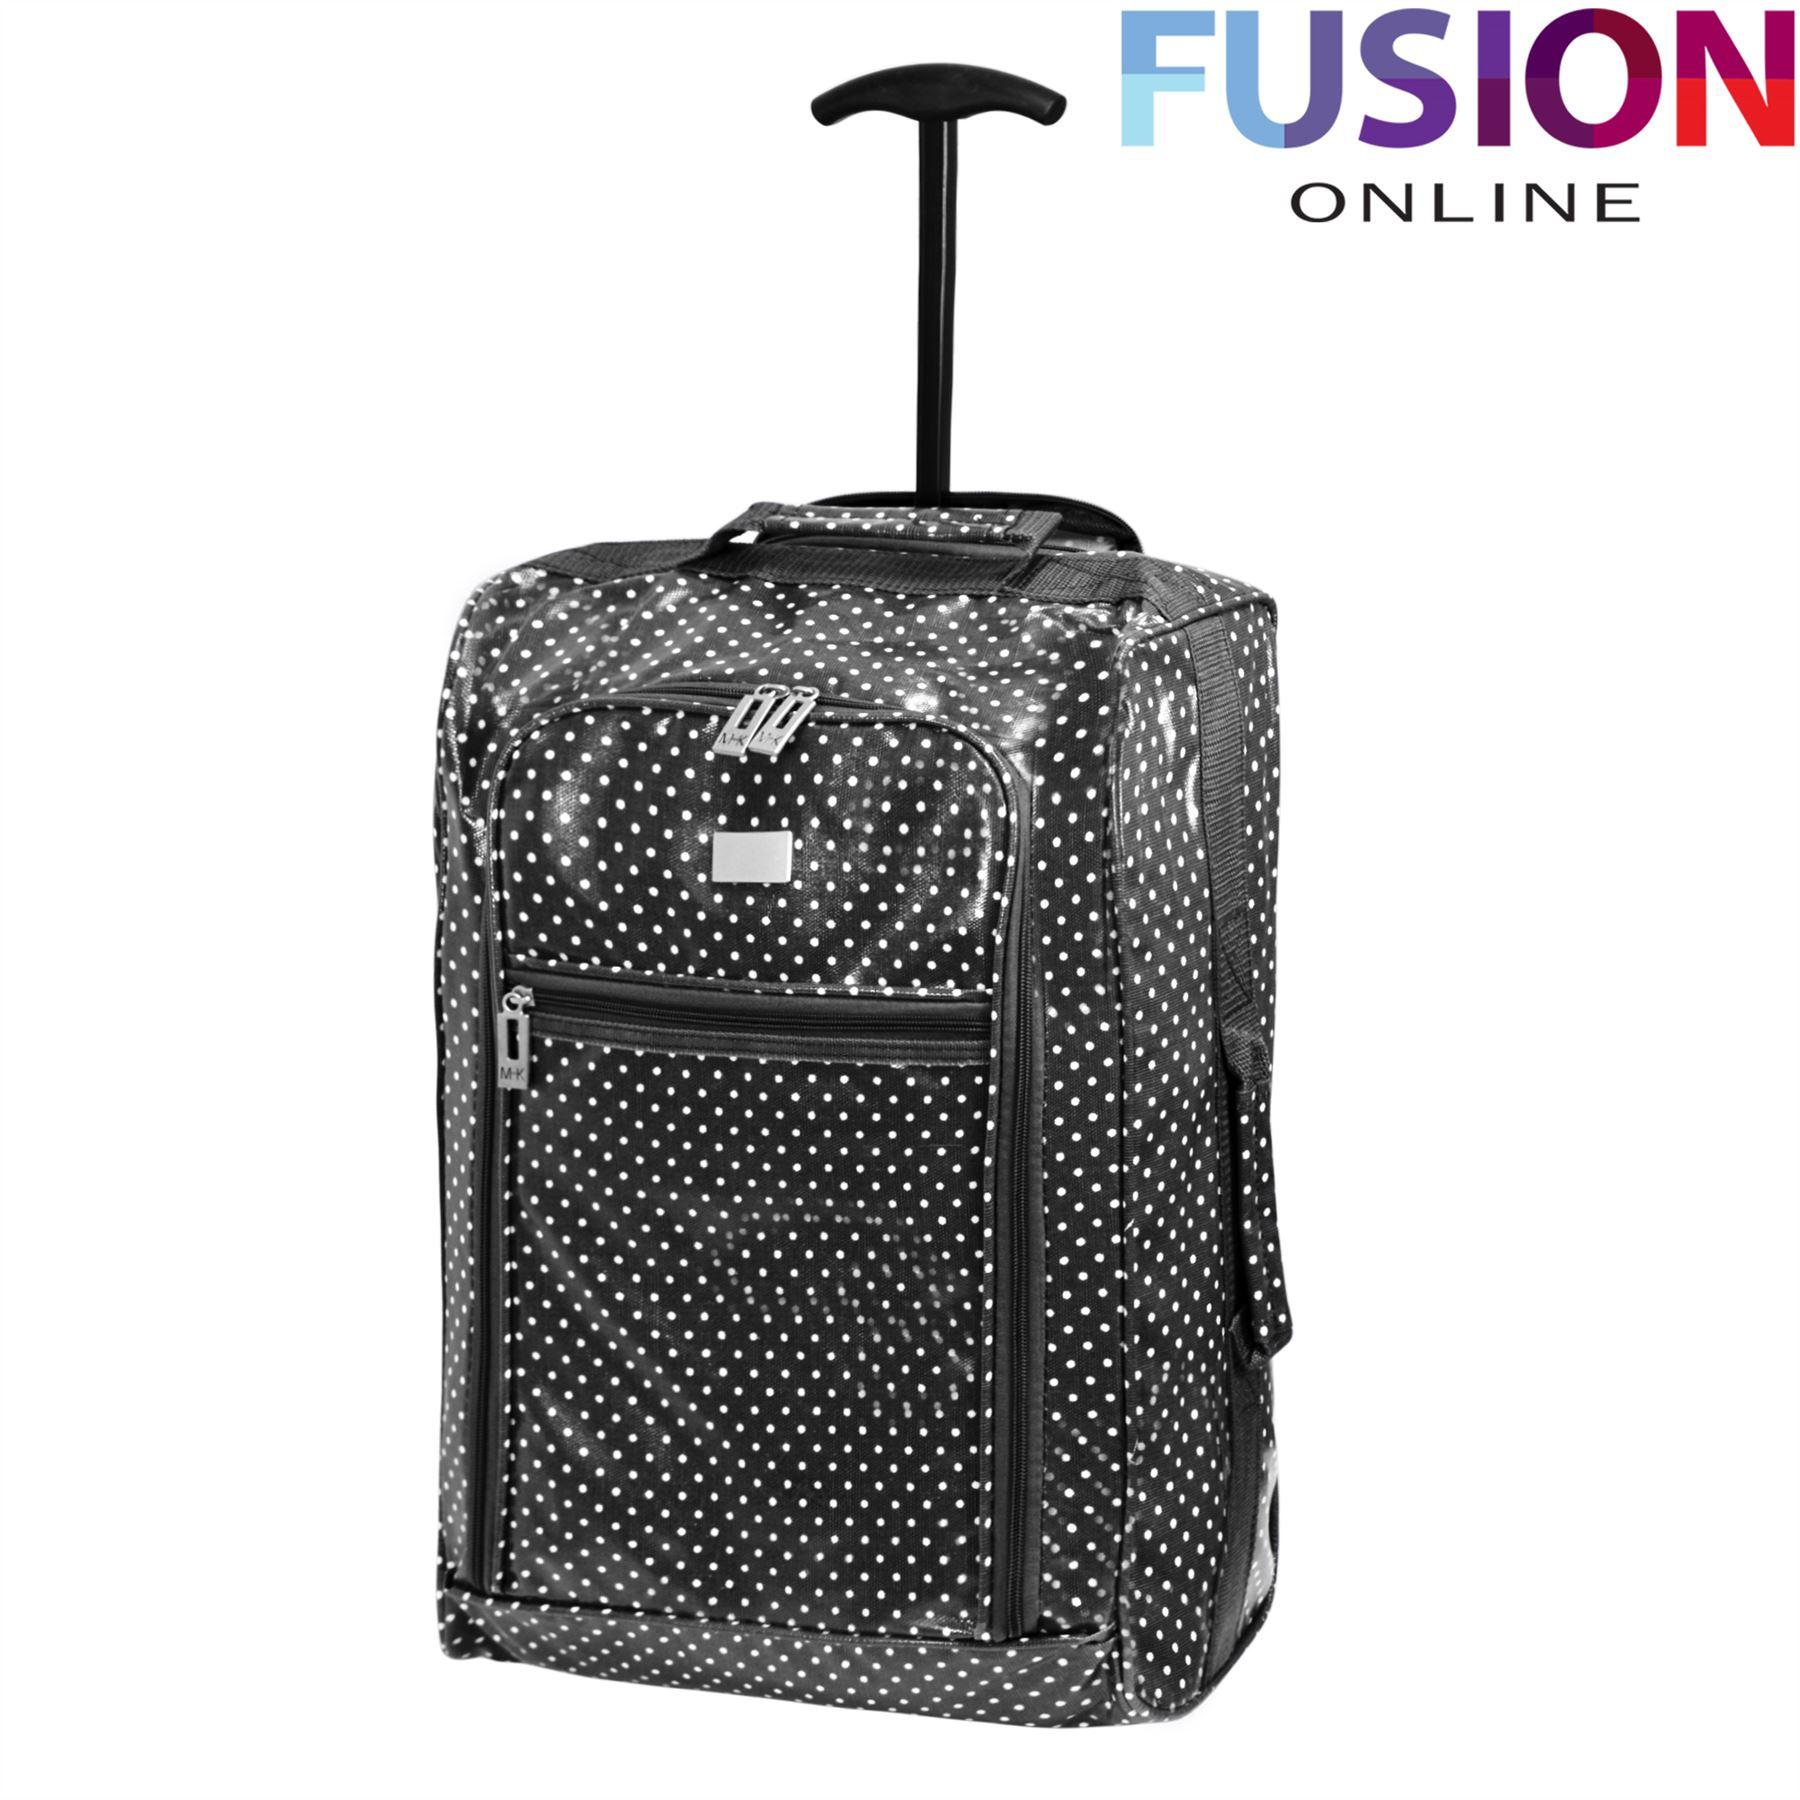 Valigia bagaglio a mano cabina ryanair con ruote trolley borsa custodia da viaggio easyjet nuovo - Cabina ryanair ...